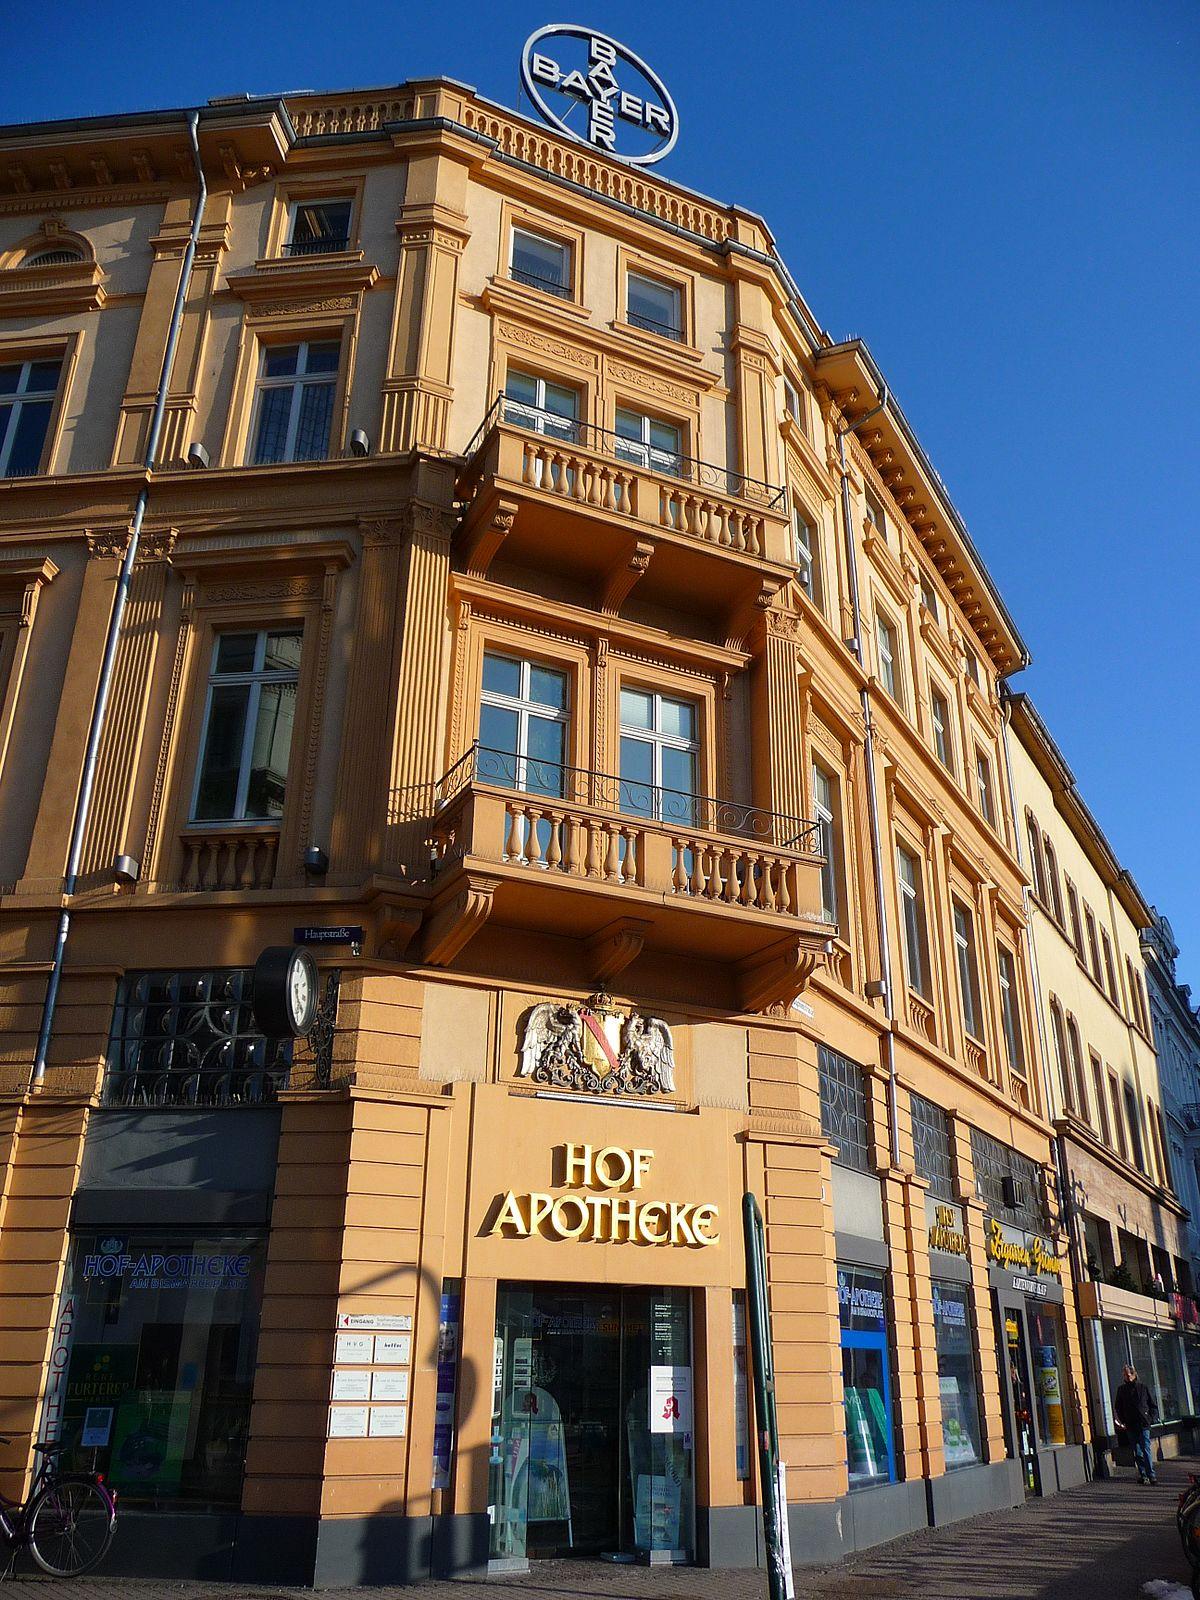 Hotel Heidelberger Hof Dubeldorf